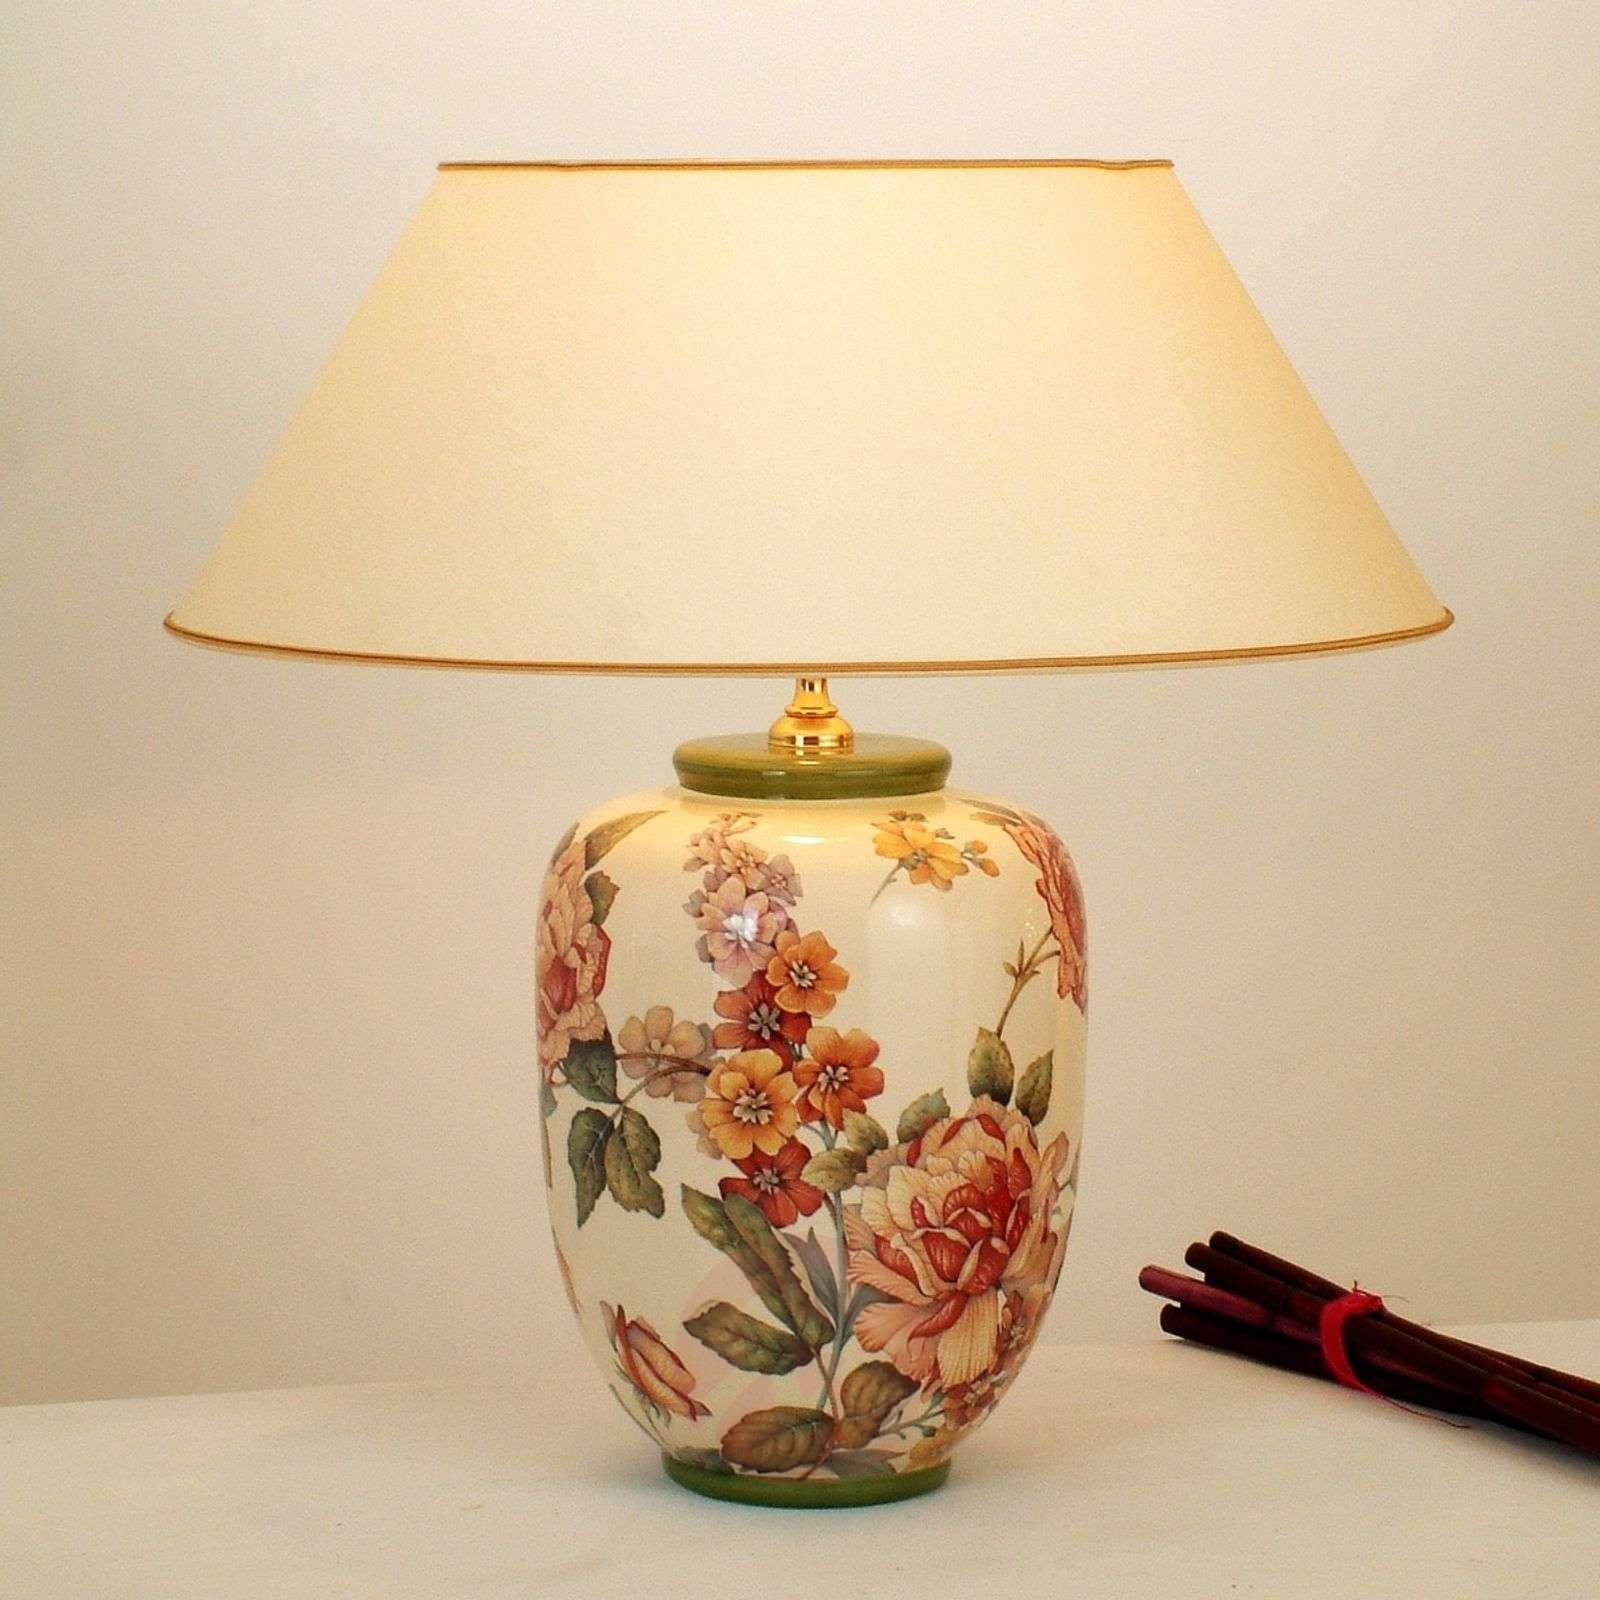 Floral table lamp Potpourri-4512286-01